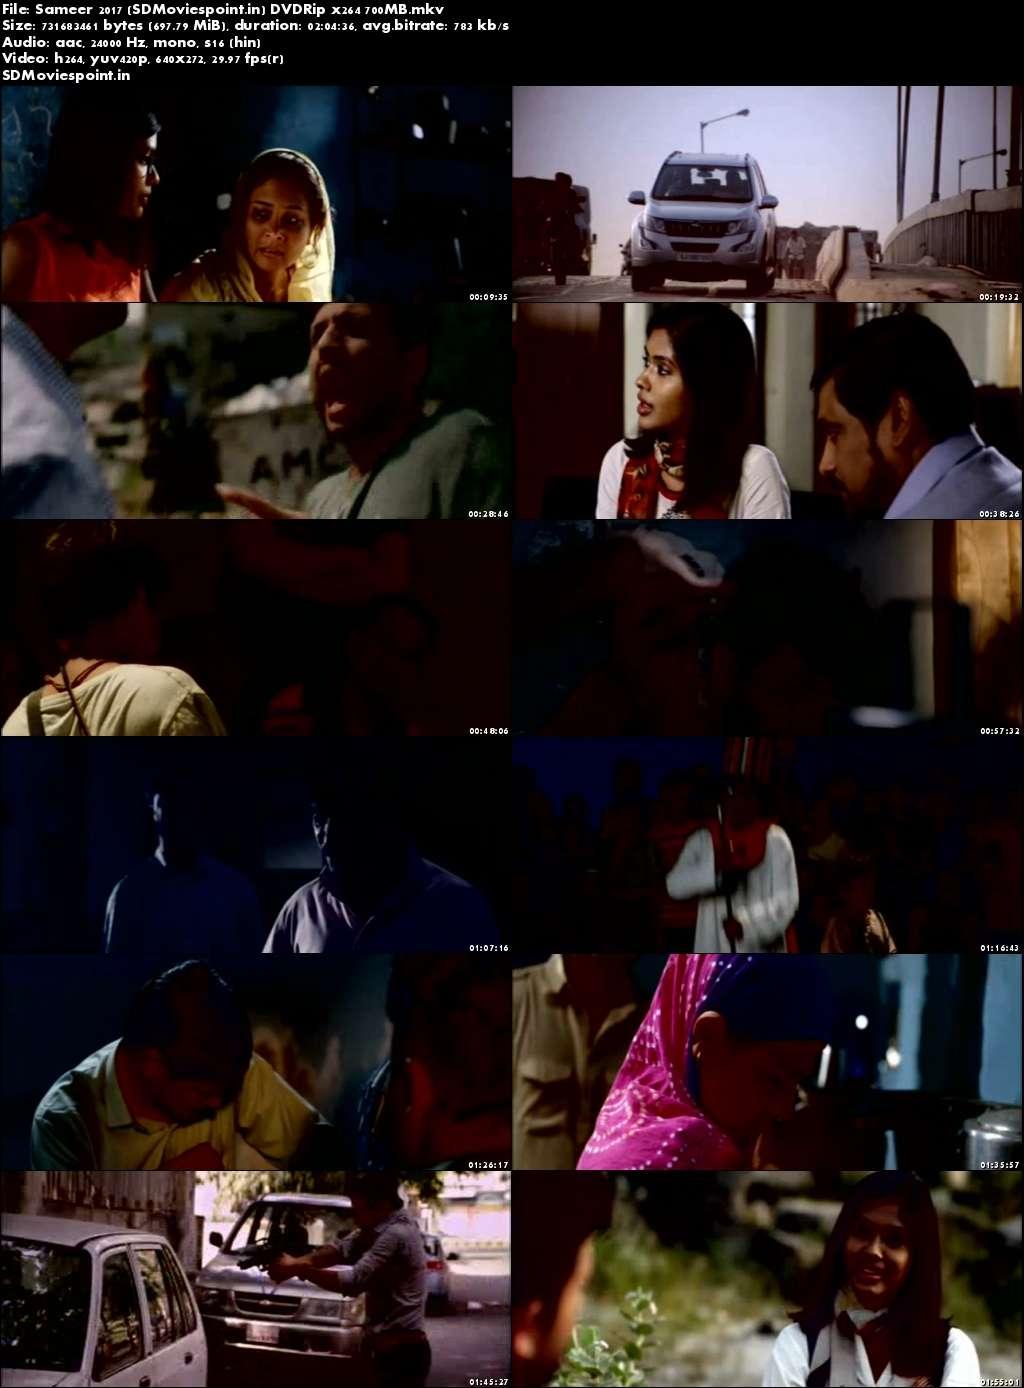 Screen Shots Sameer (2017) Full Hindi Movie Download Free 720p